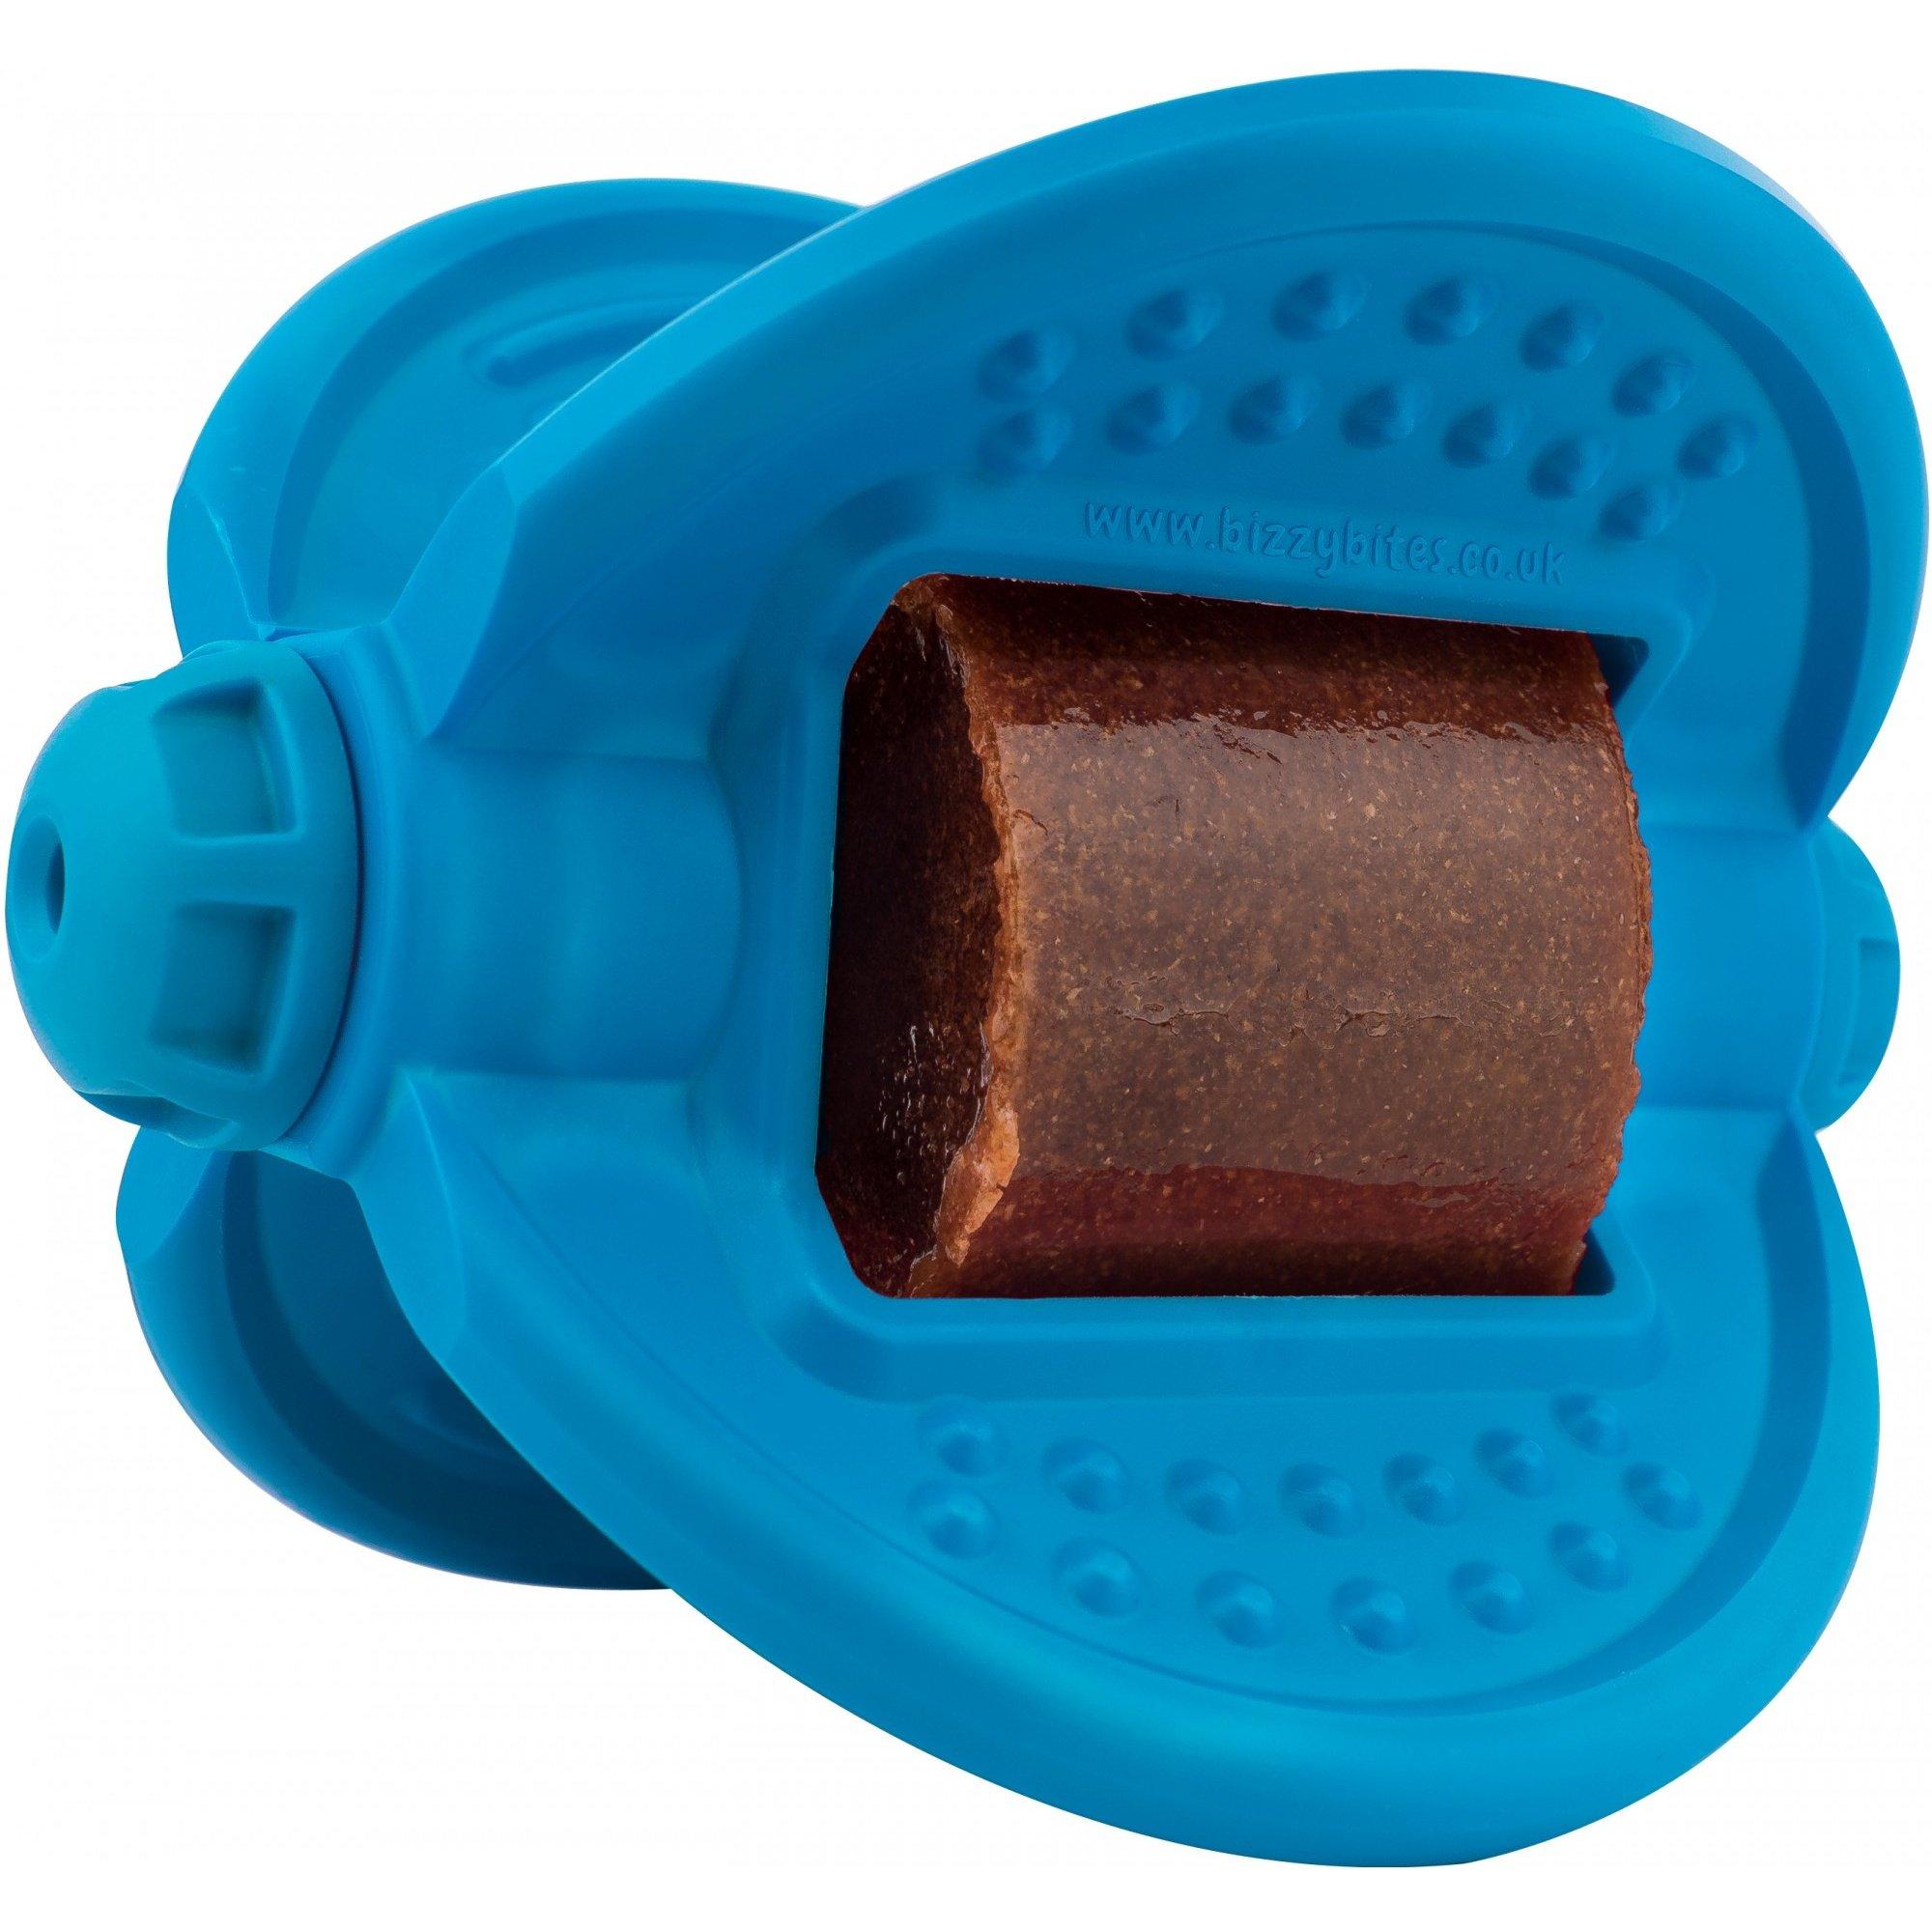 Bizzy Bites Equine Teether Toy (One Size) (Aqua) by Bizzy Bites